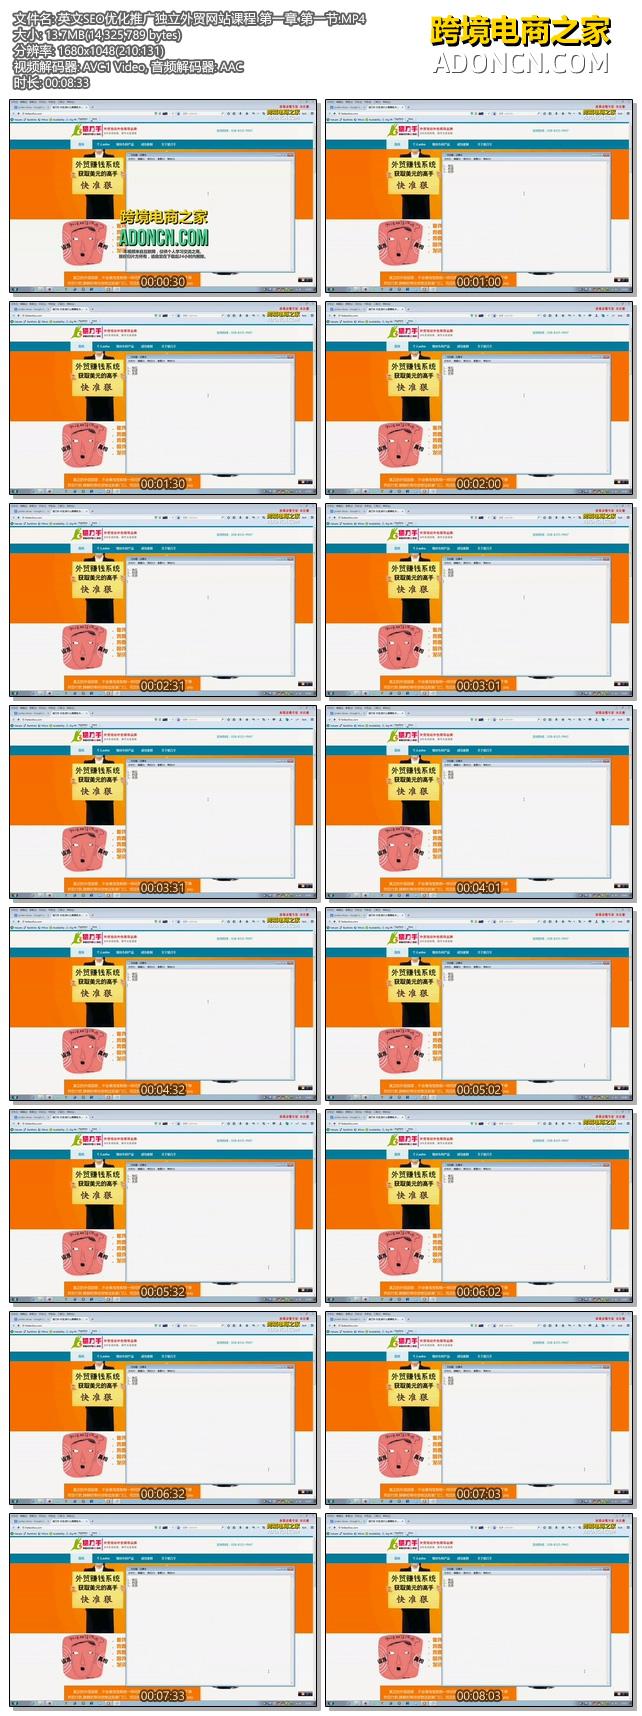 英文SEO优化推广独立外贸网站课程 第一章 第一节.MP4 - 英文SEO优化推广独立外贸网站课程 第一章 第一节